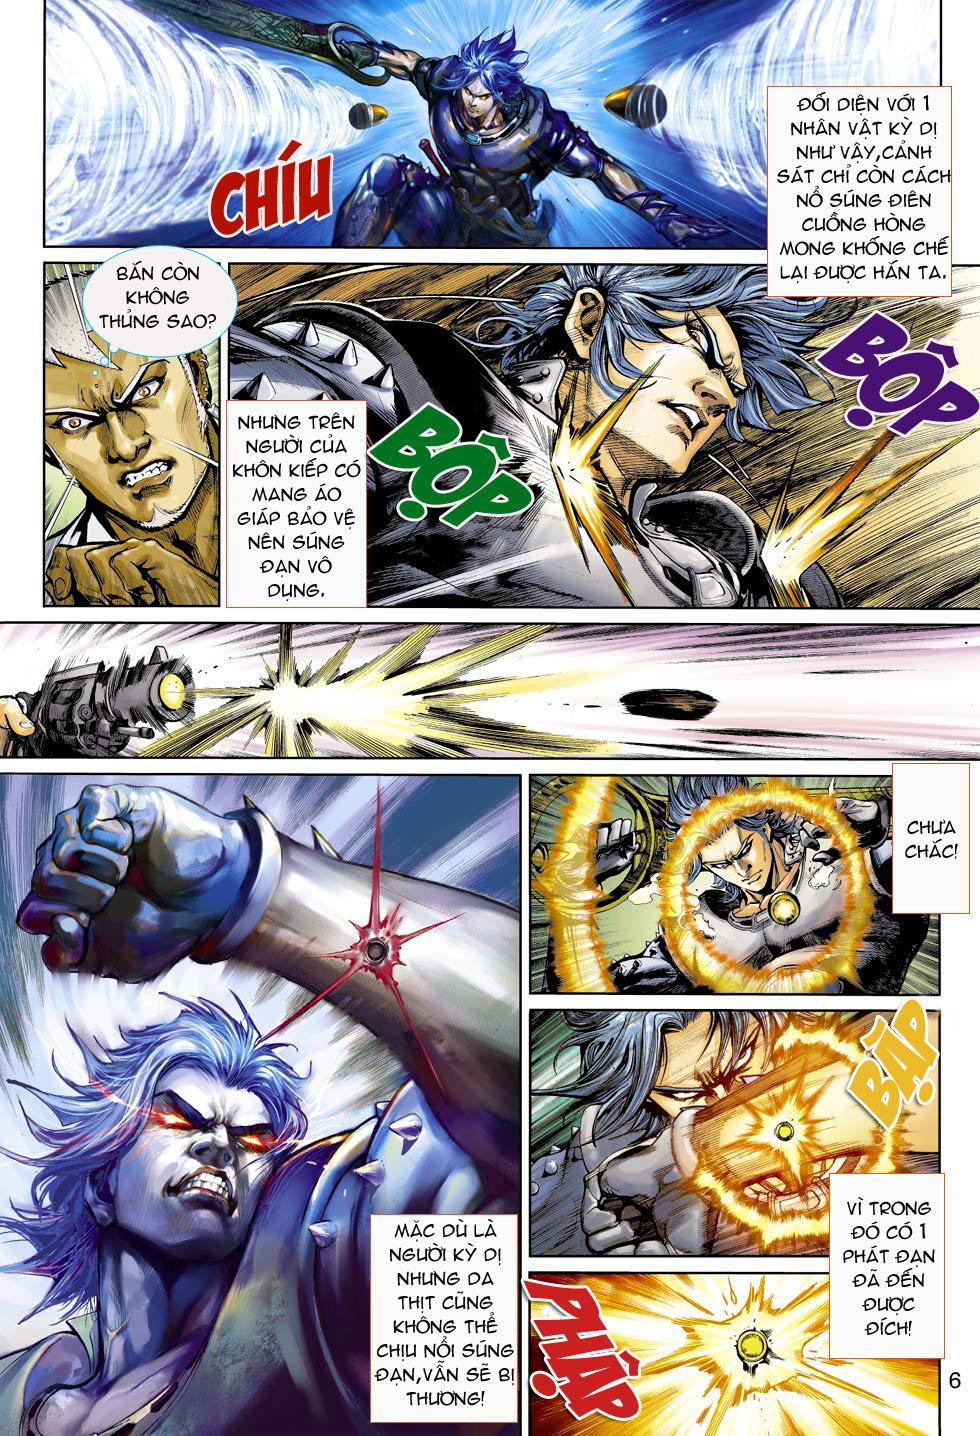 Thần Binh 4 chap 3 - Trang 6